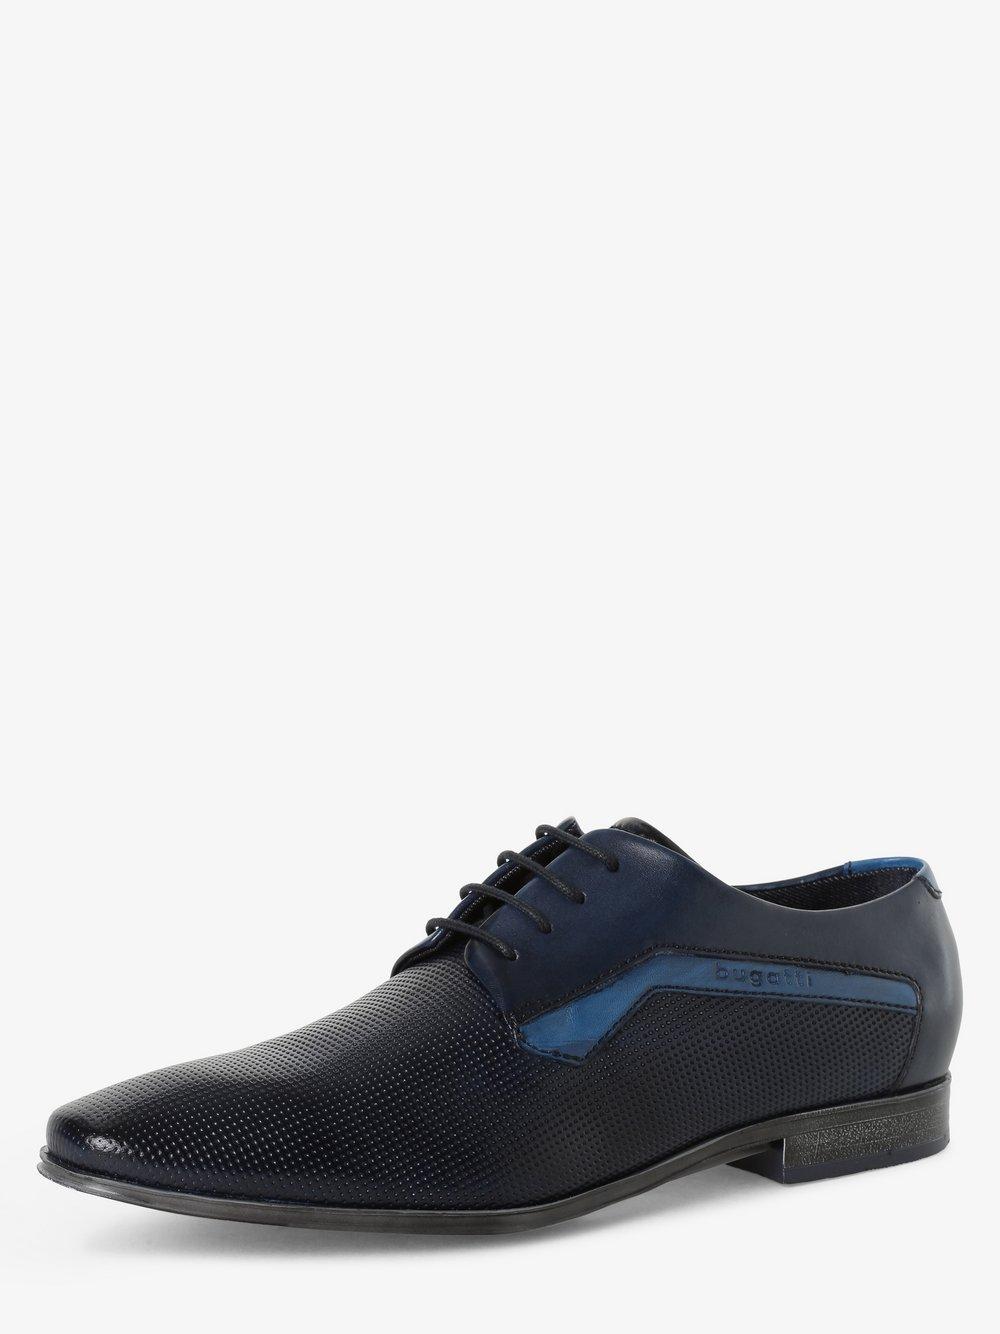 Bugatti - Męskie buty sznurowane ze skóry, niebieski